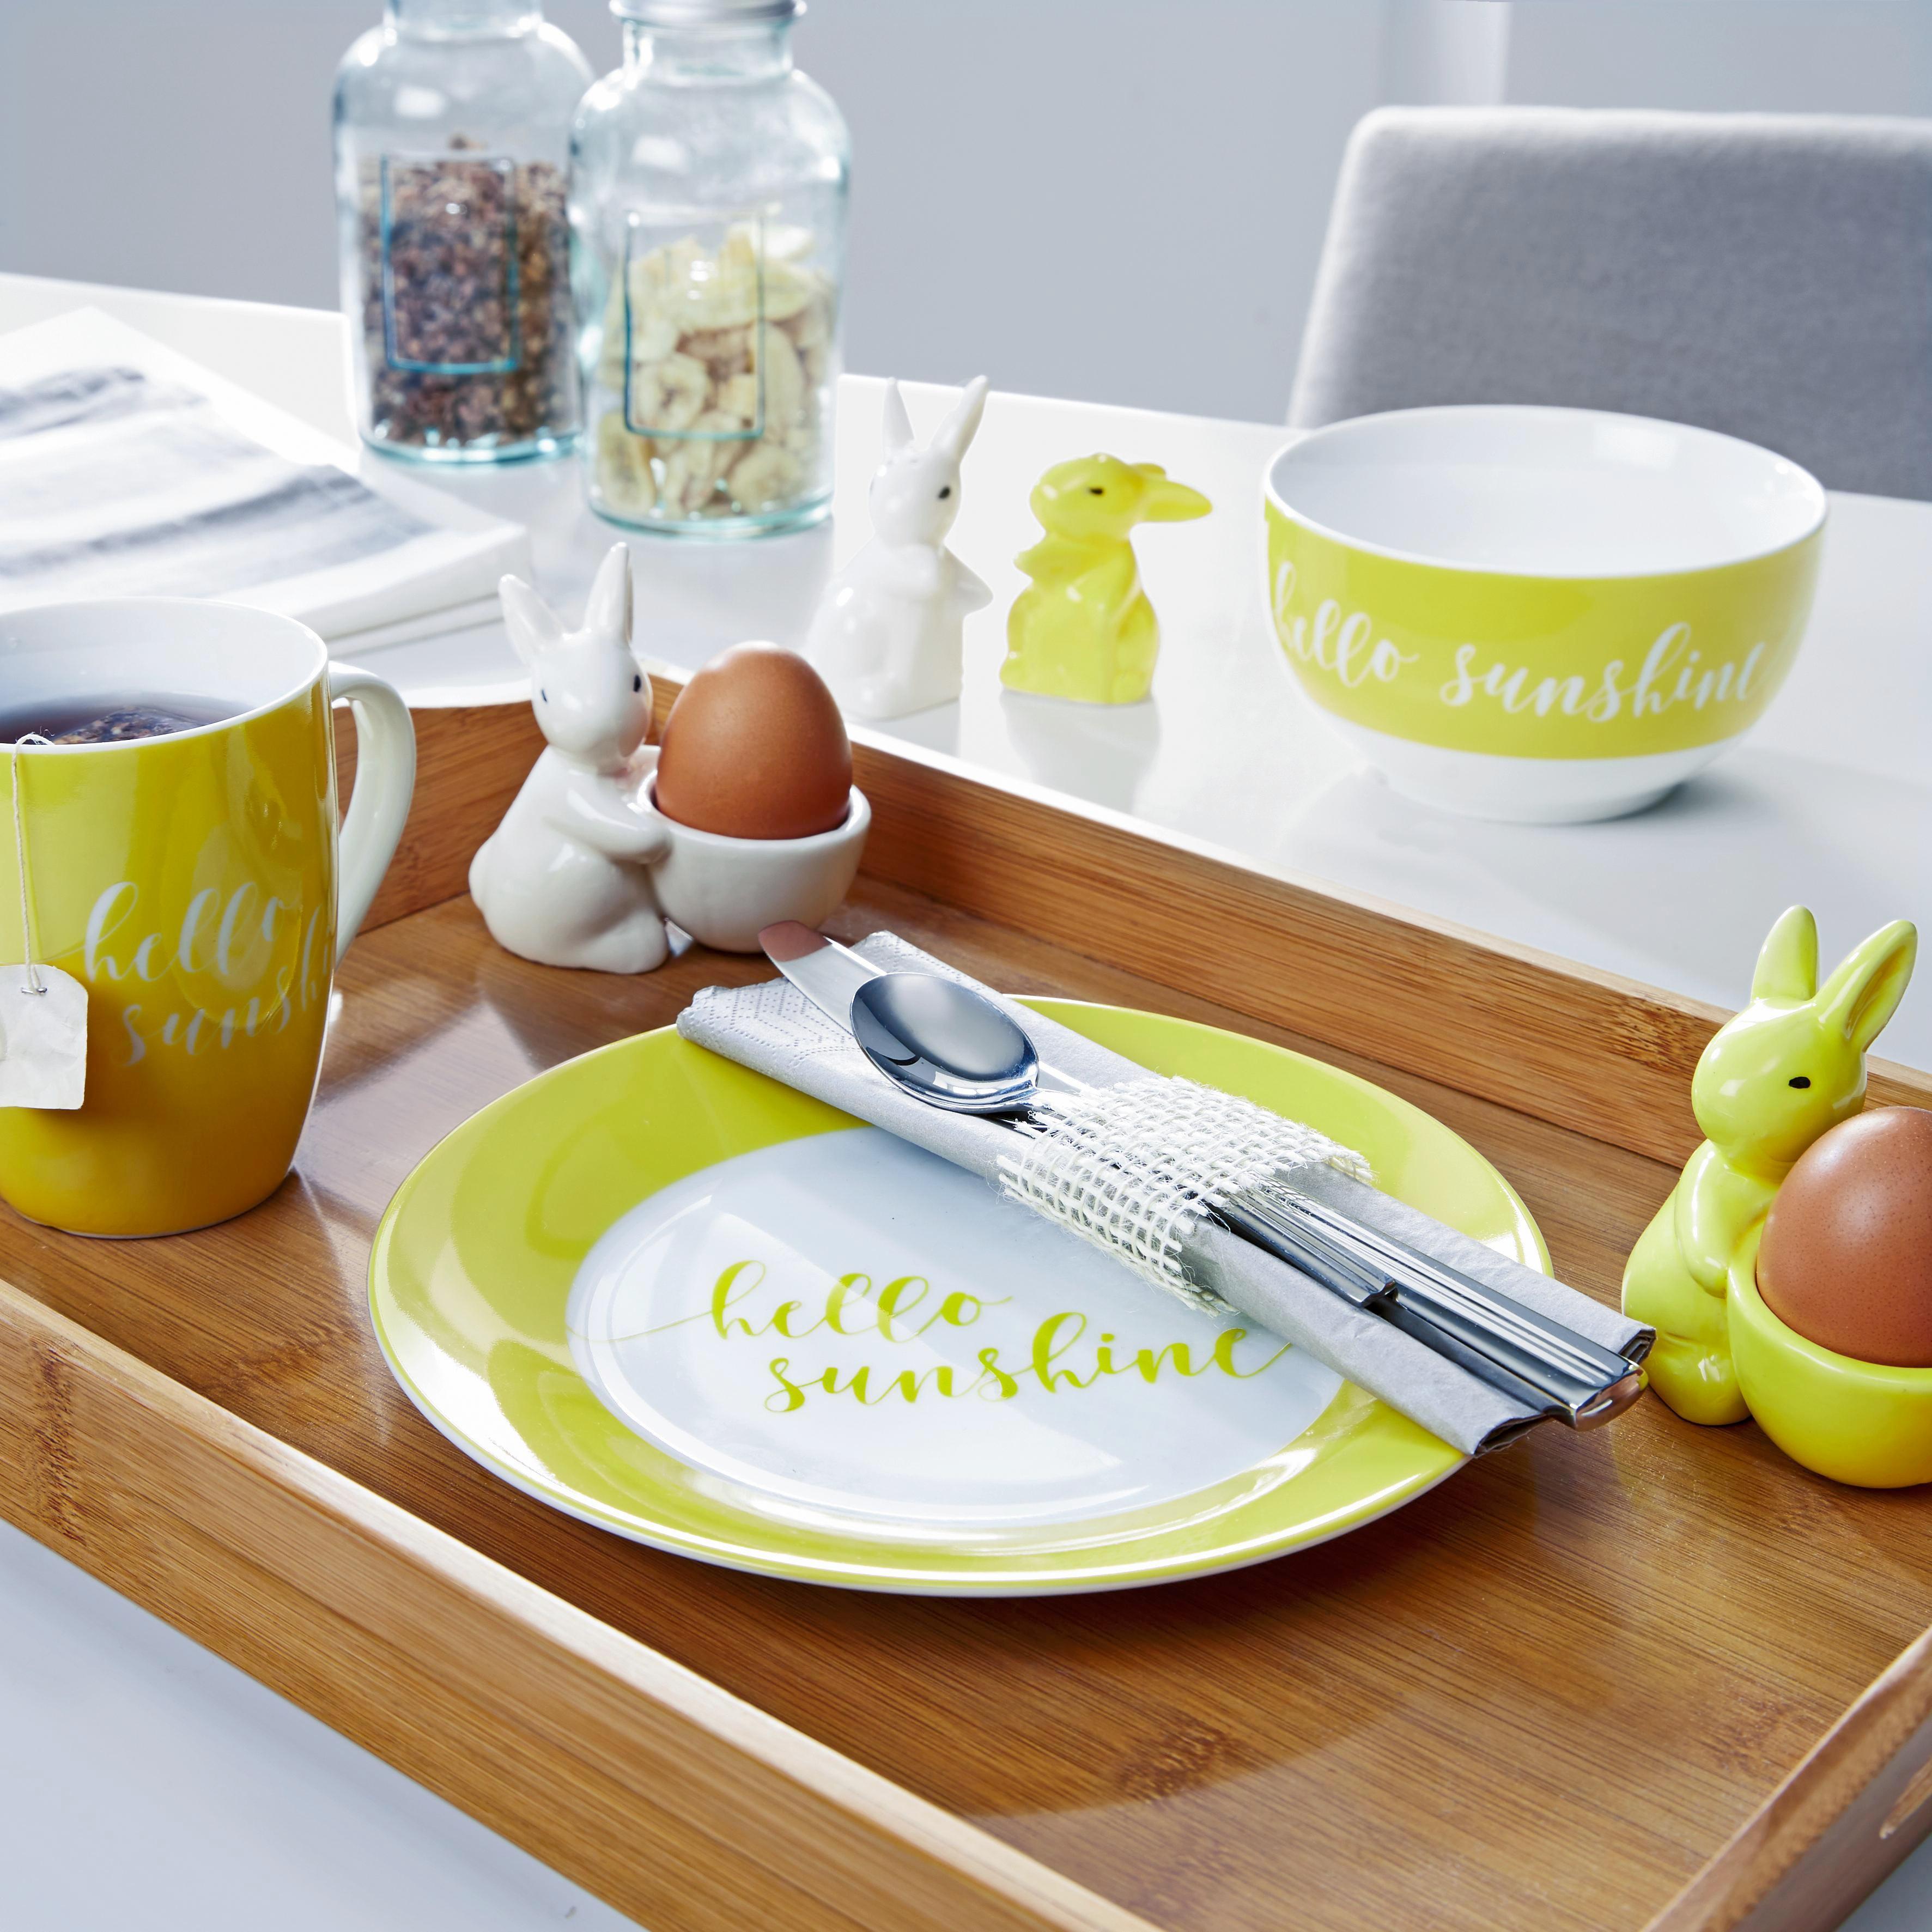 Dessertteller Fun in Weiß/gelb - Gelb/Weiß, Keramik (20,32cm) - MÖMAX modern living